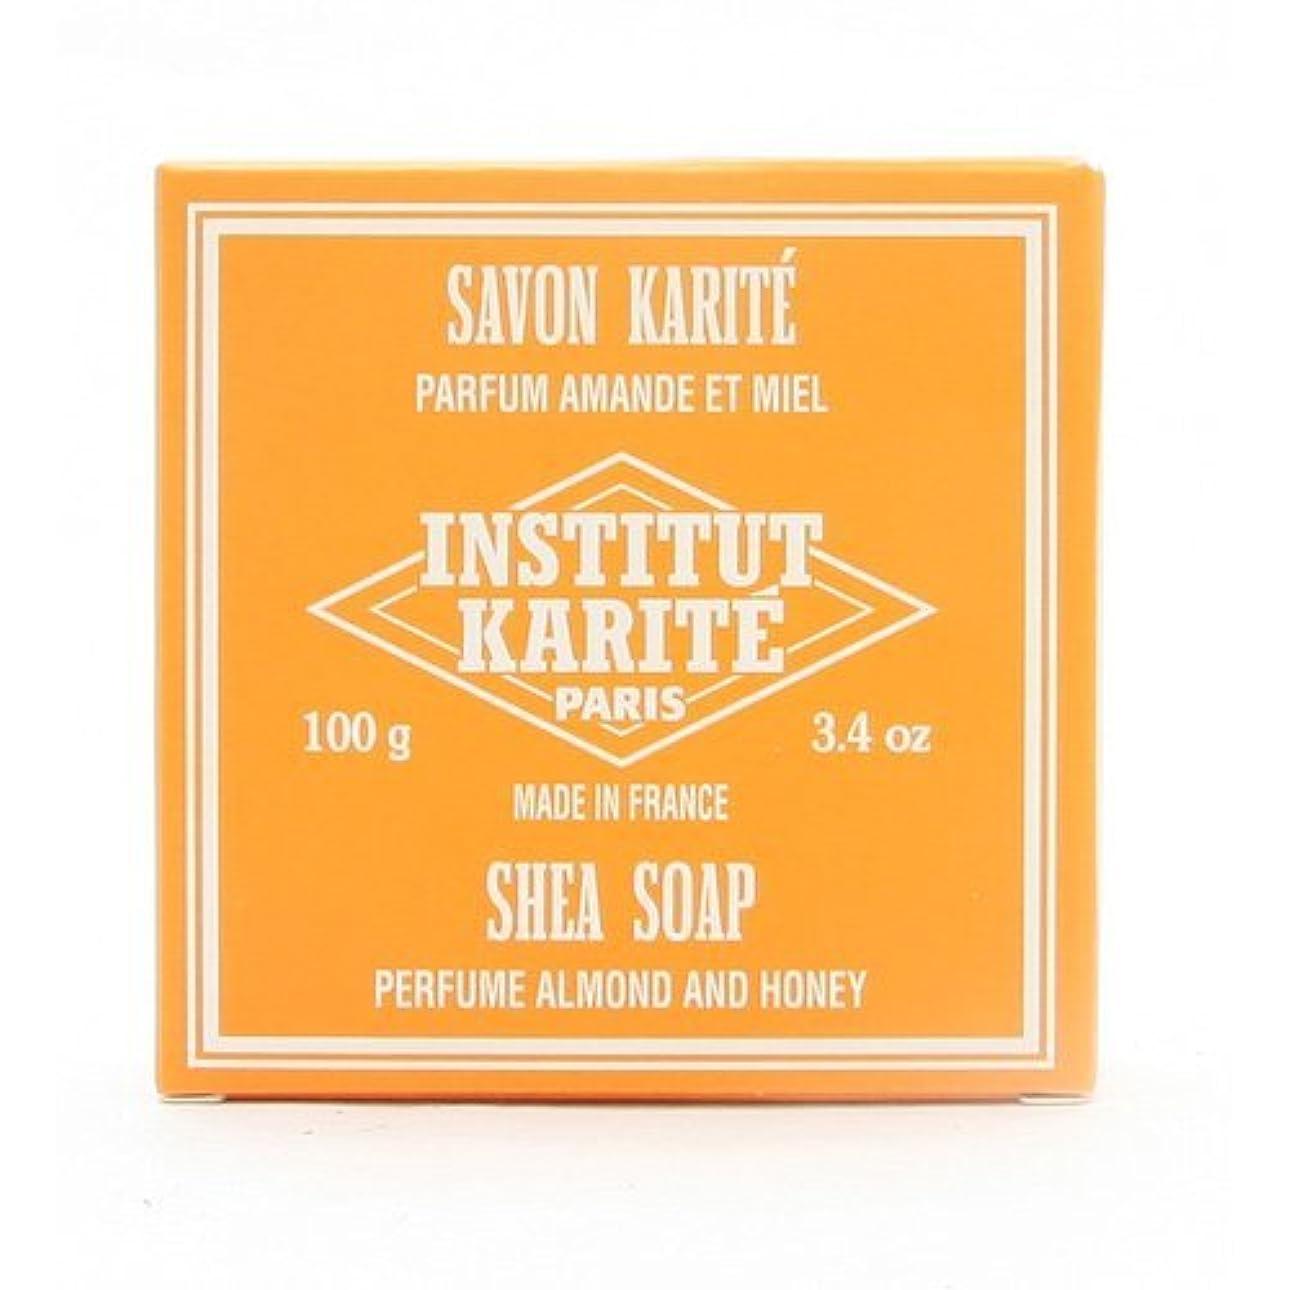 やむを得ない運動する失望INSTITUT KARITE インスティテュート カリテ 25% Extra Gentle Soap ジェントルソープ 100g Almond Honey アーモンドハニー